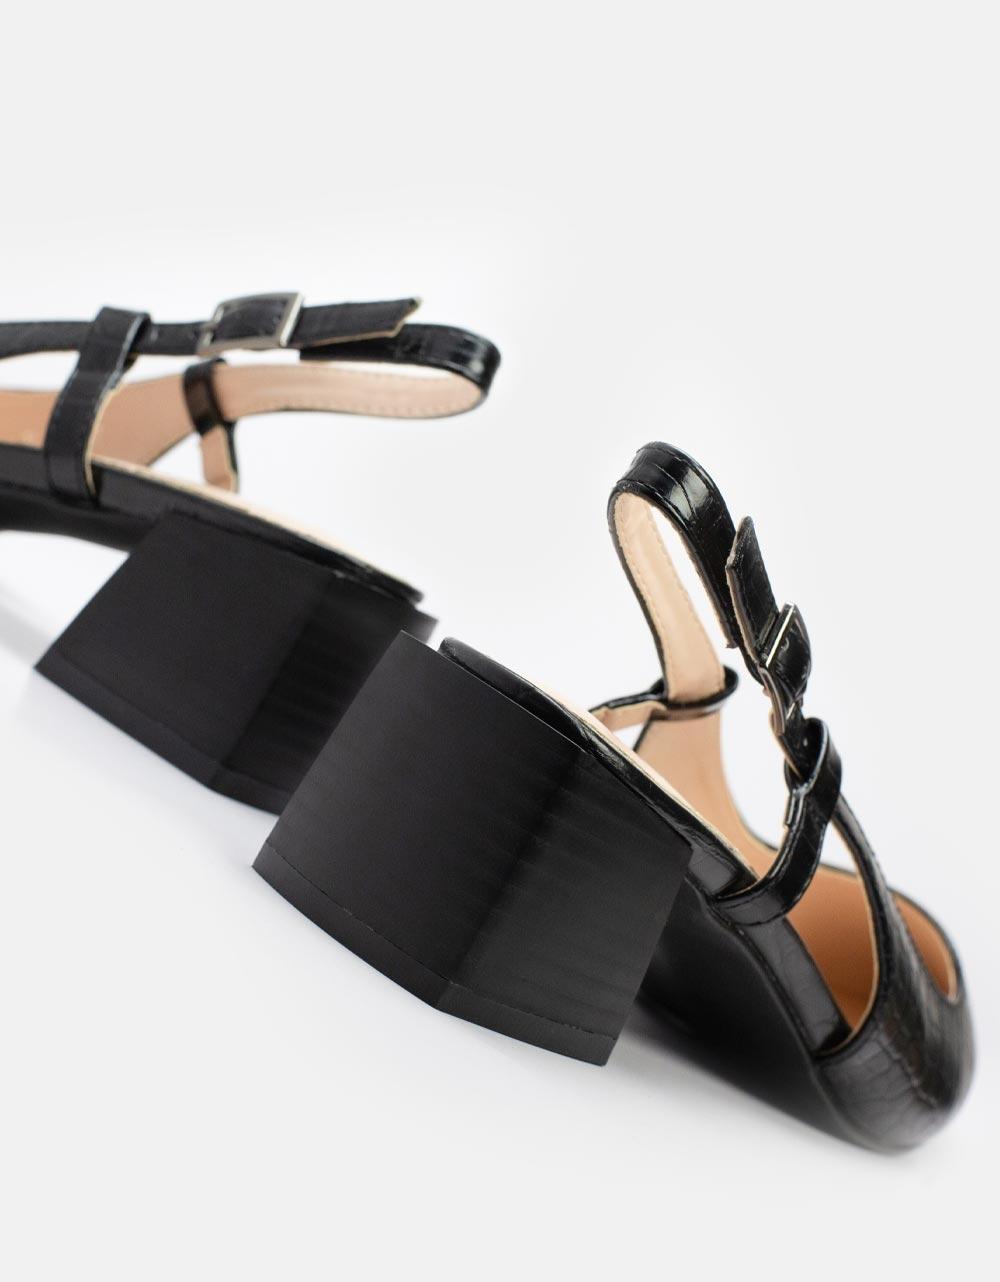 Εικόνα από Γυναικείες γόβες με καρέ τακούνι και κροκό μοτίβο Μαύρο